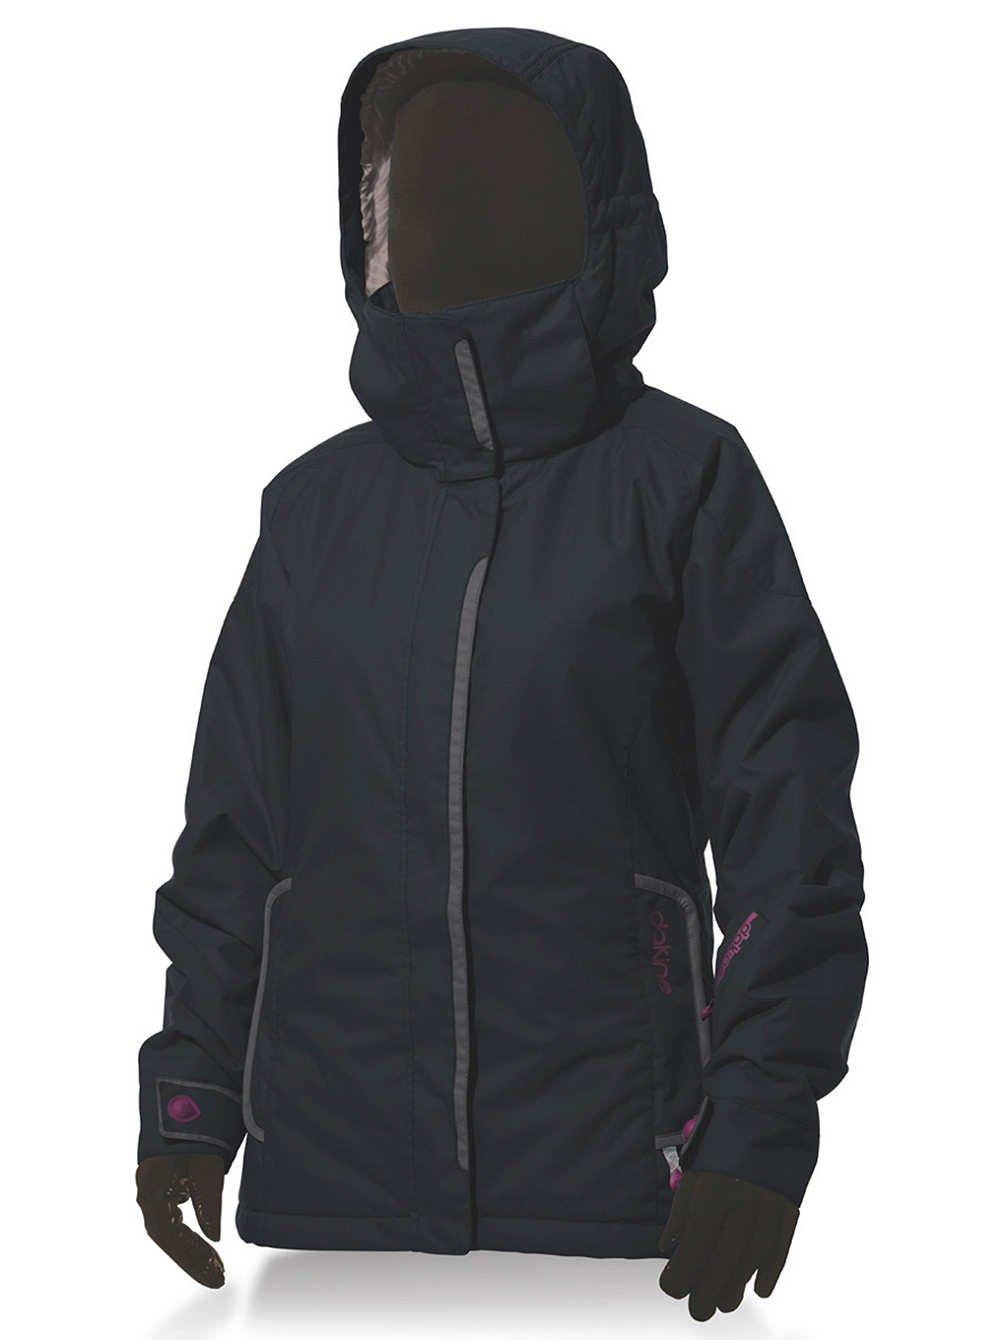 Damen Snowboard Jacke Dakine Sapph Jacket Women bestellen